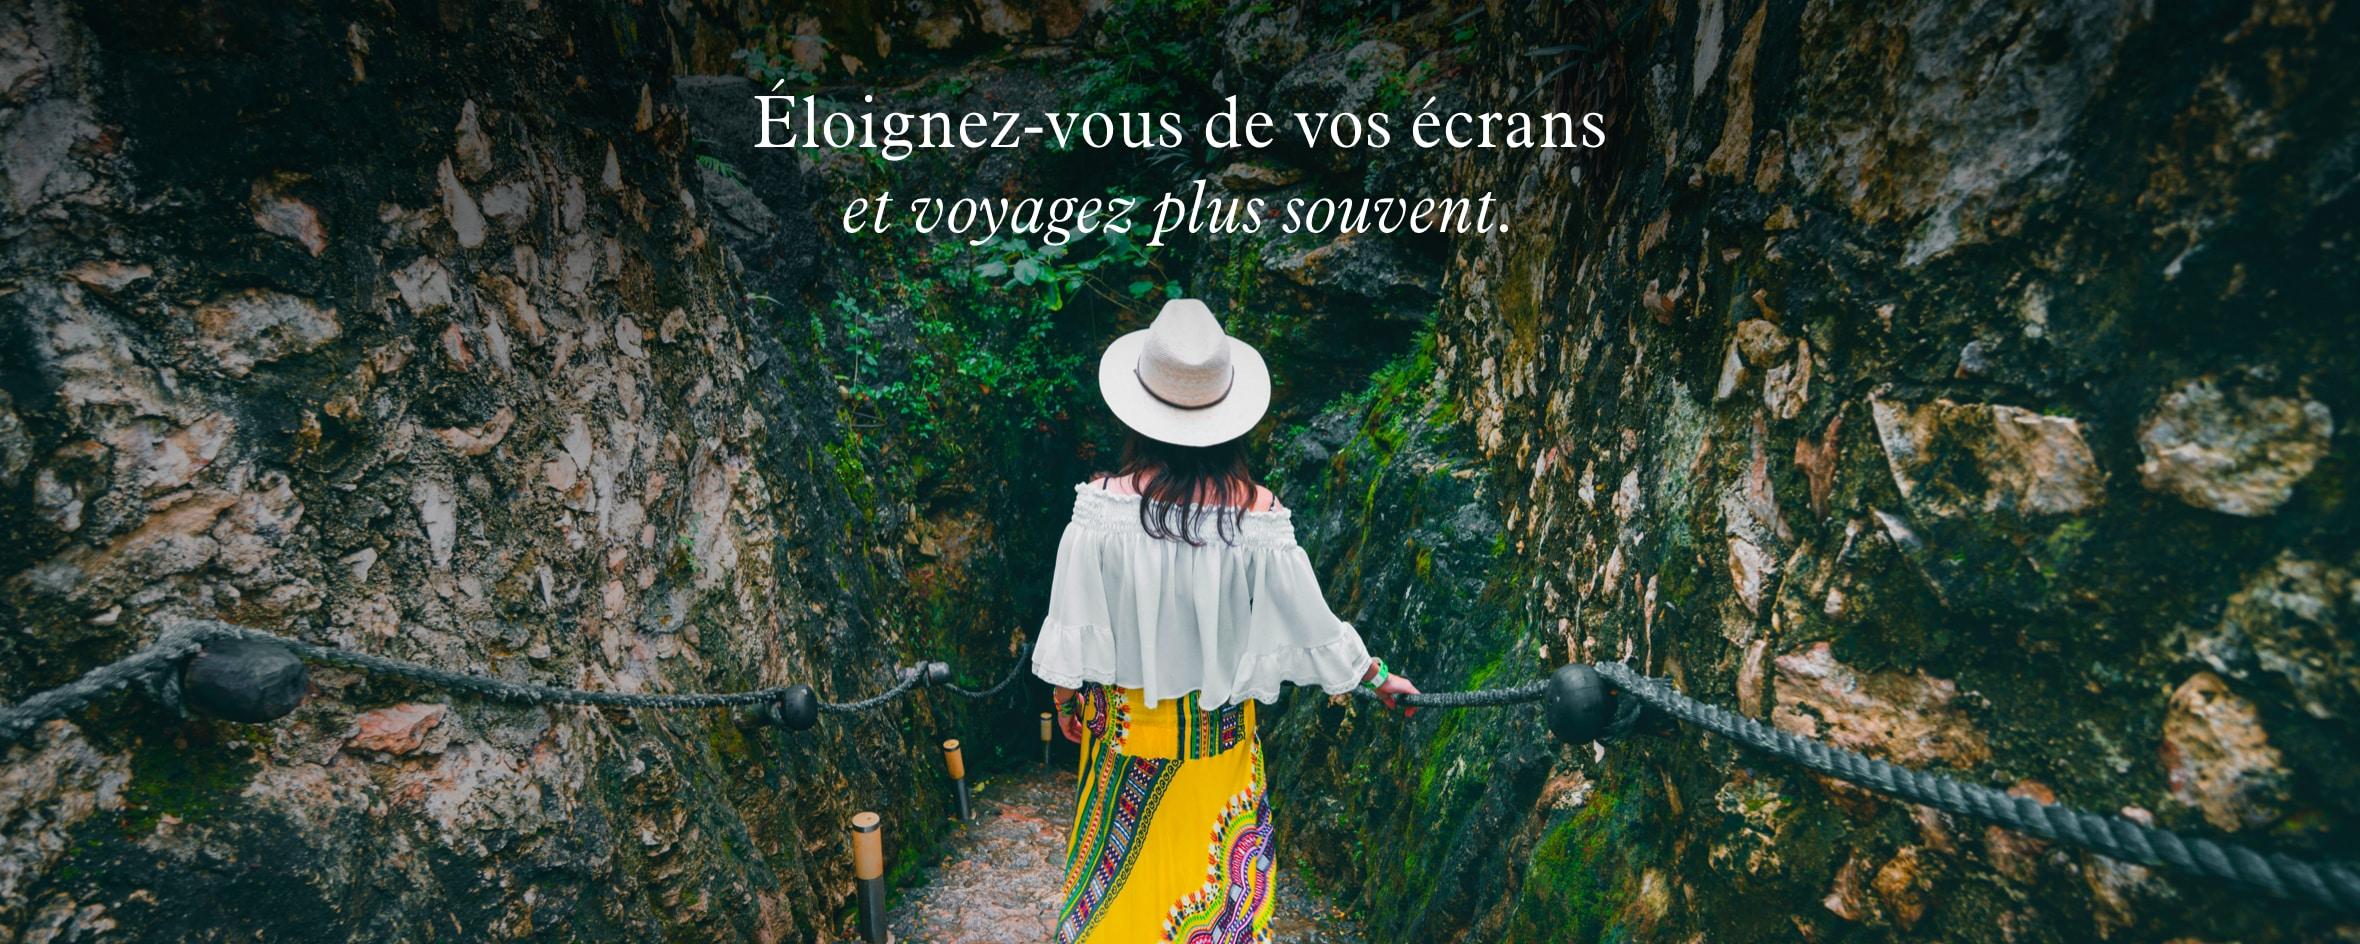 Femme vêtue d'une robe aux couleurs vives en train de descendre des escaliers en pierre.